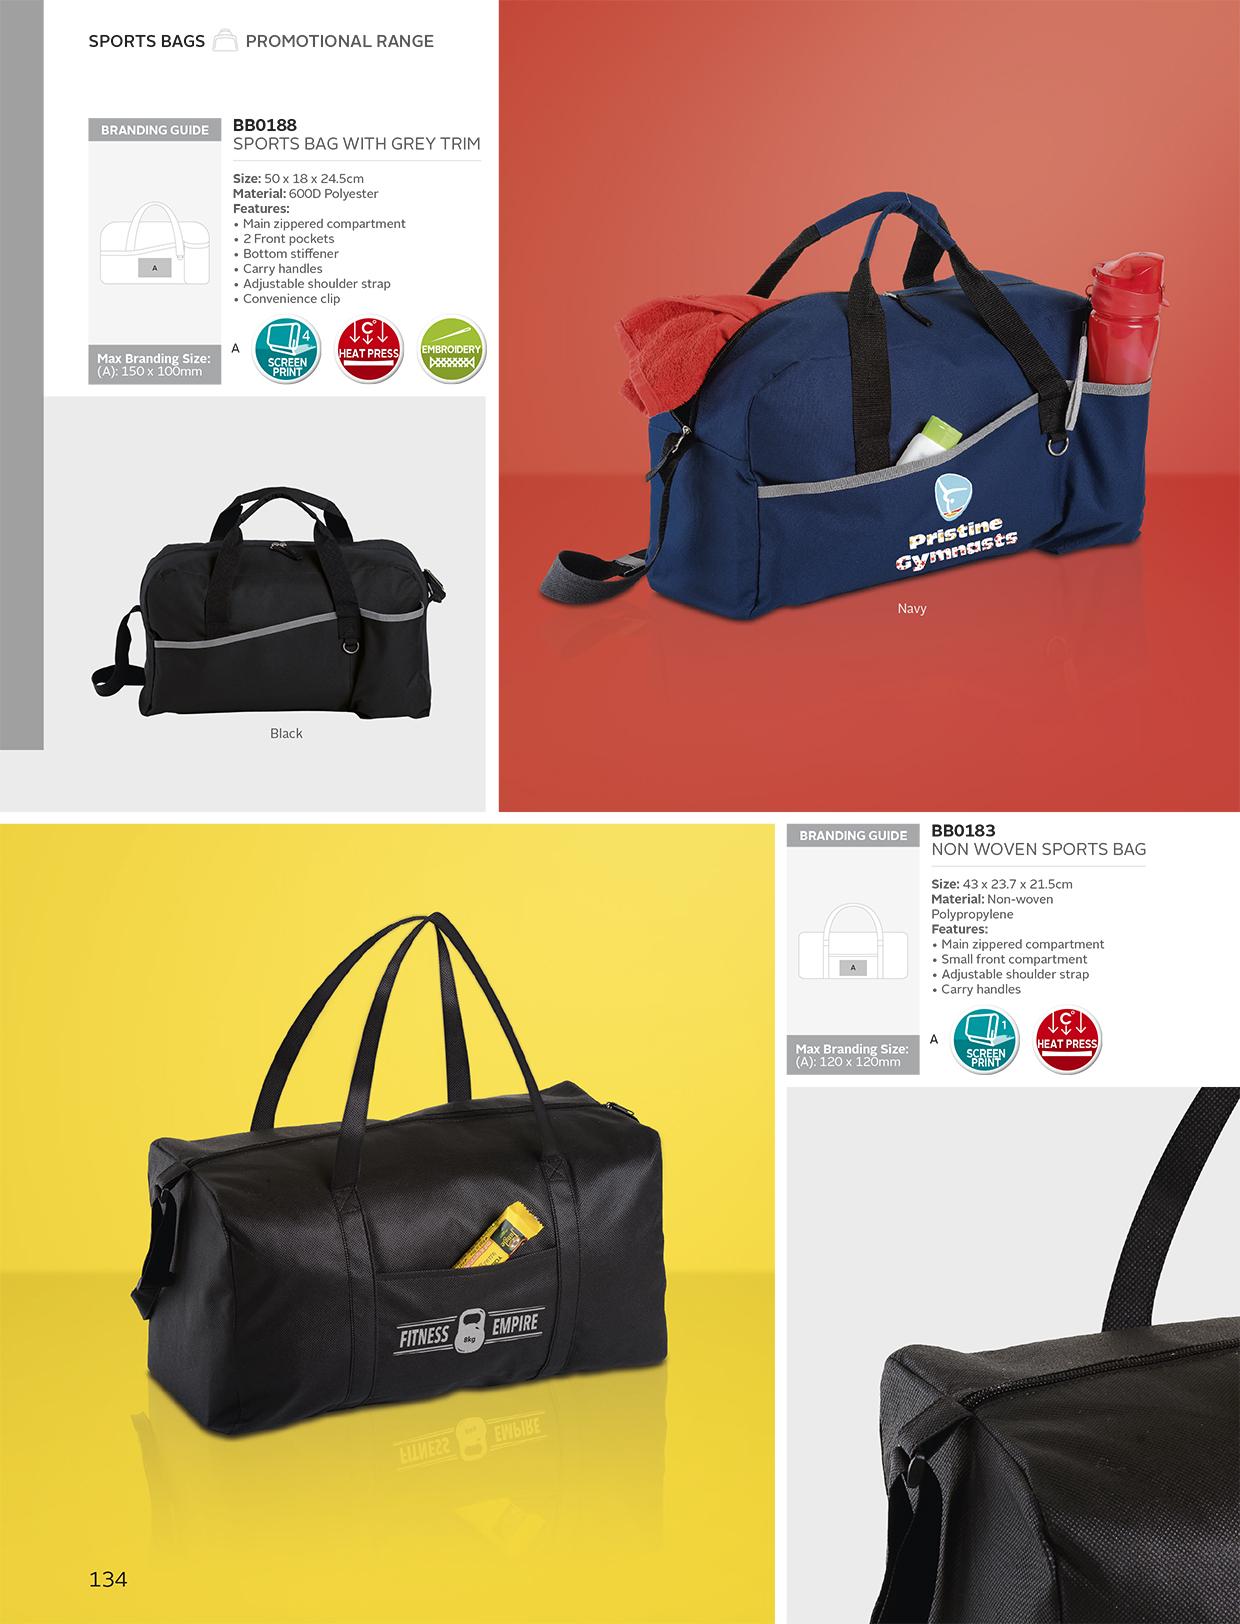 79cb6cc017f8 Non Woven Sports Bag